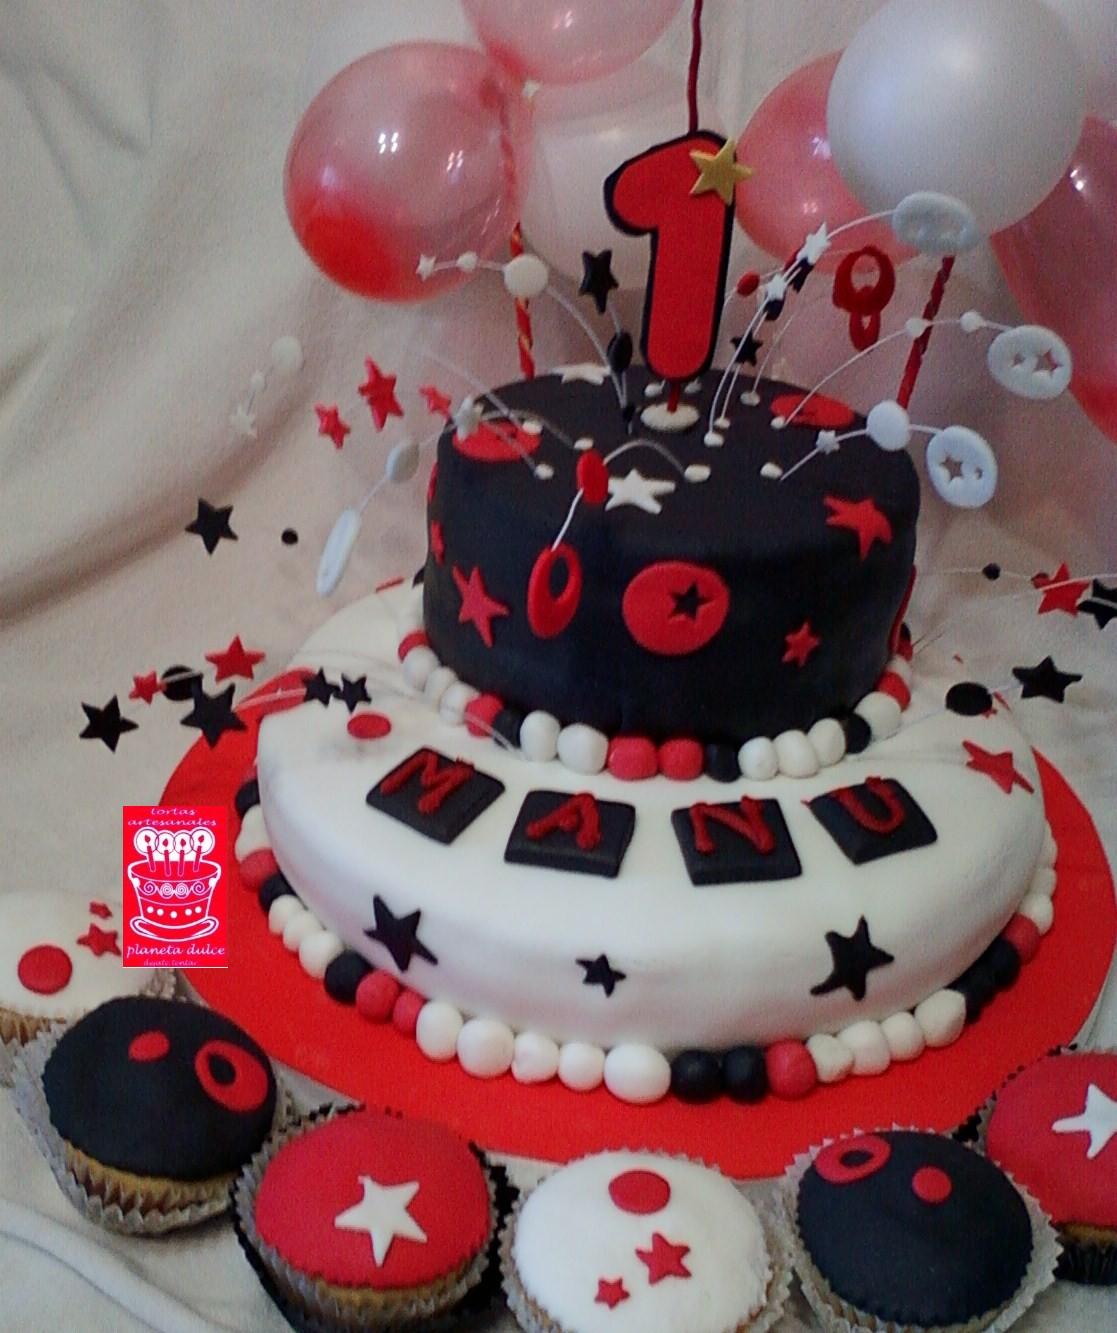 Tortas decoradas para niños - Imagui